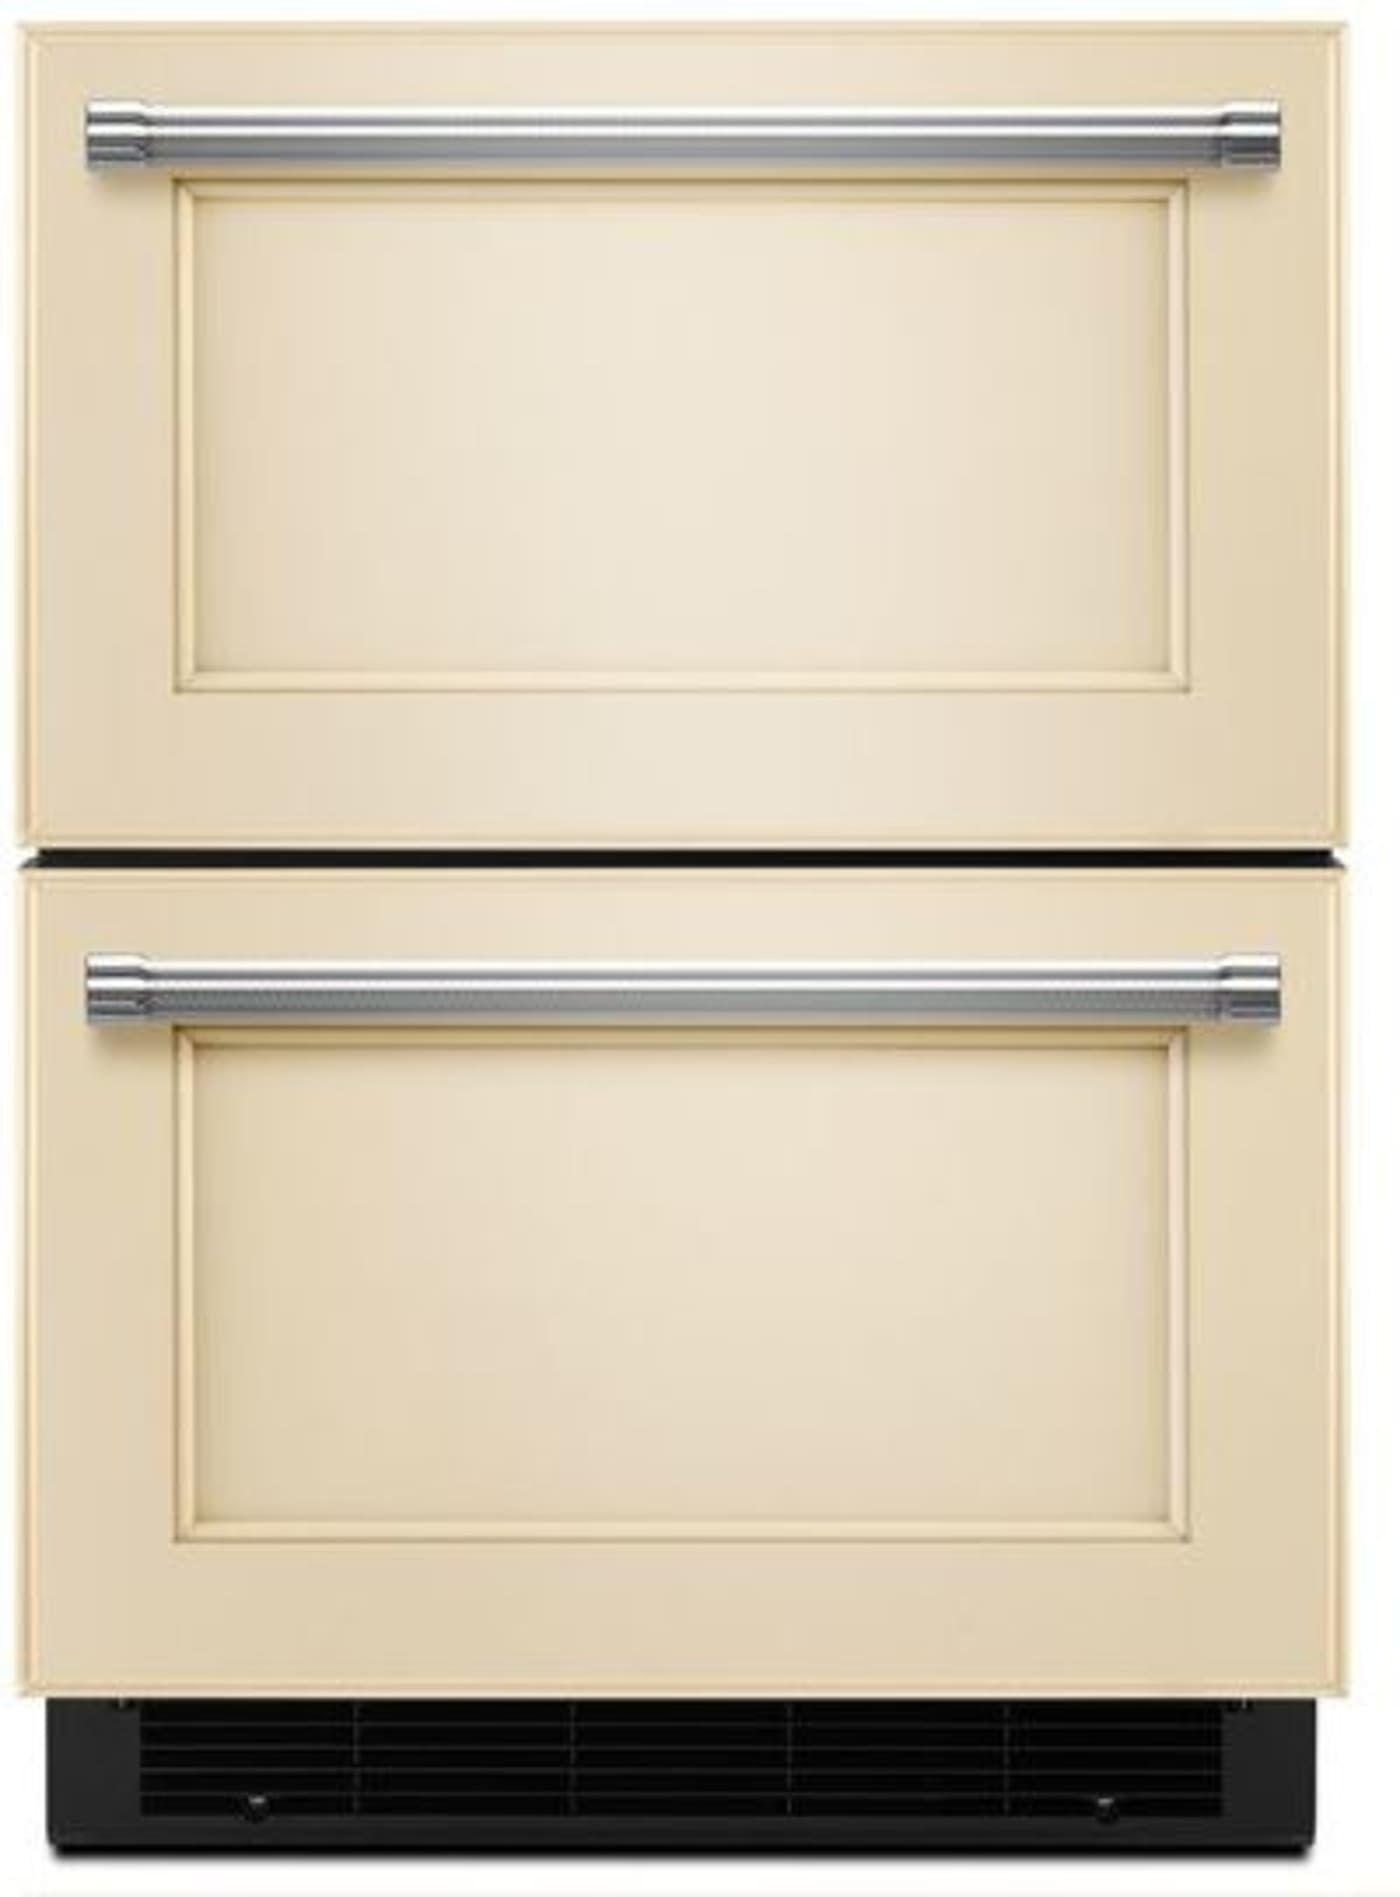 Kudf204epa by kitchenaid drawer refrigerators